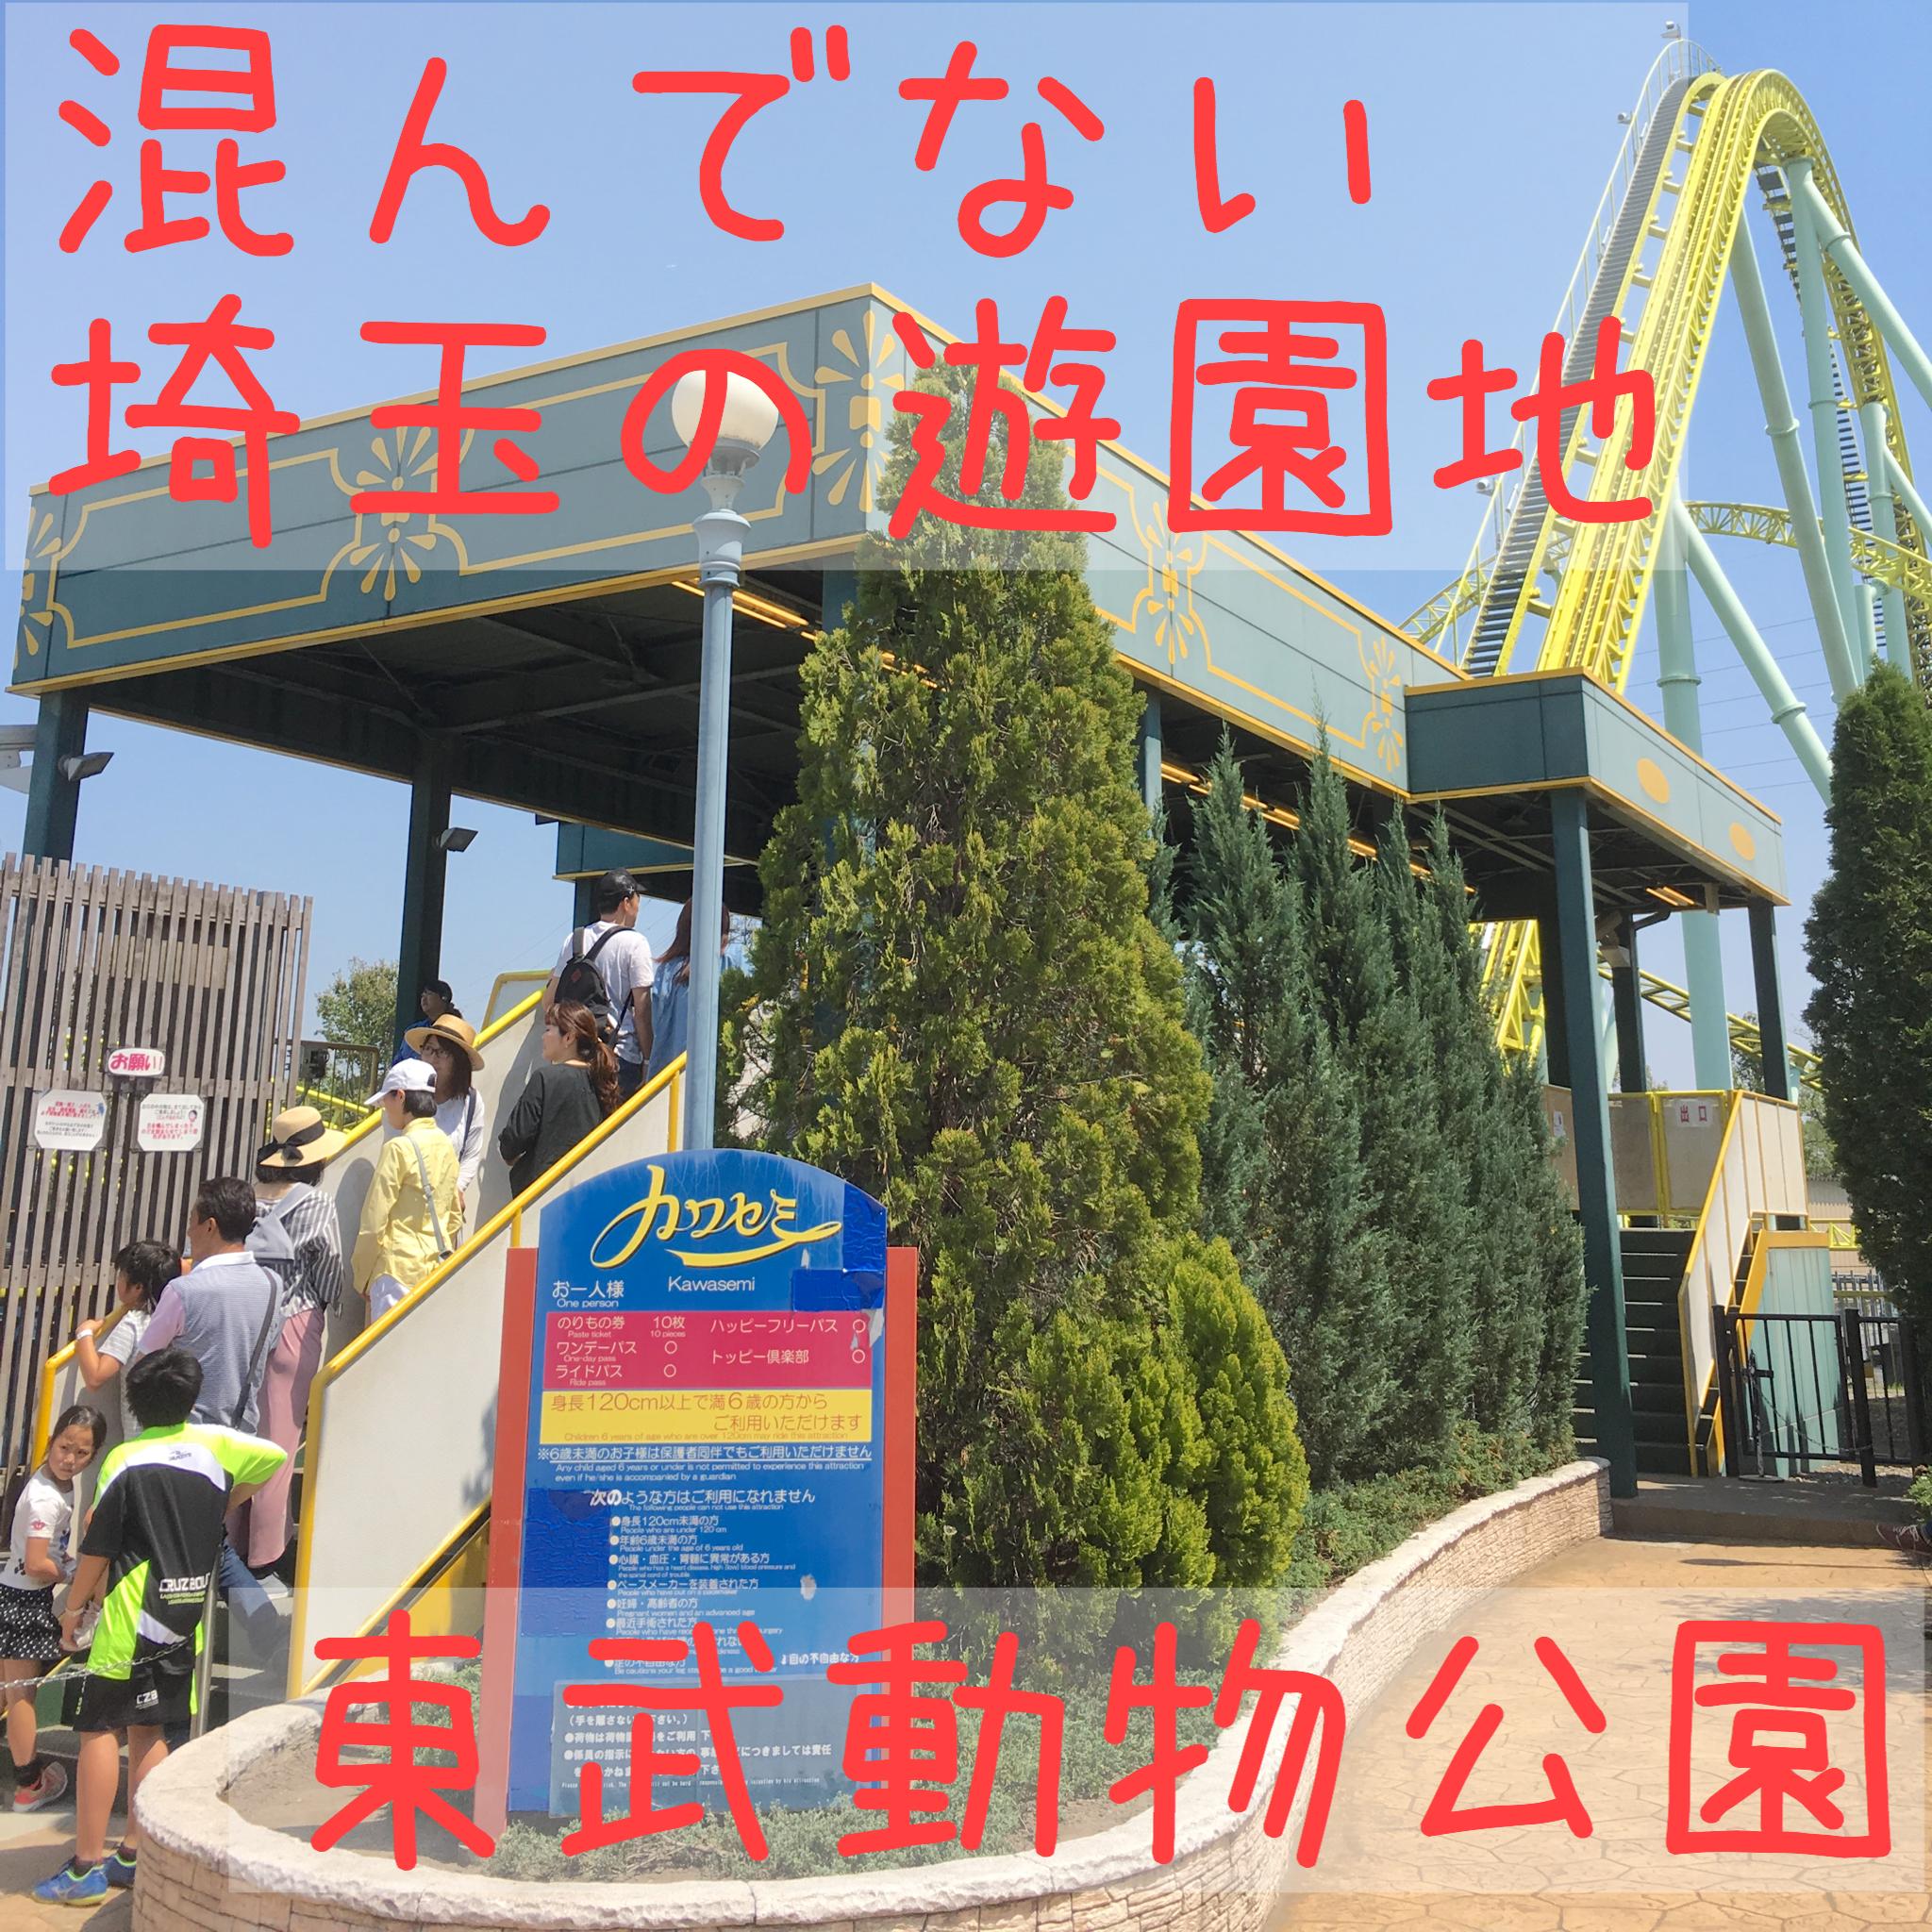 【東武動物公園】休日でも待ち時間◯分!混雑していない埼玉の遊園地